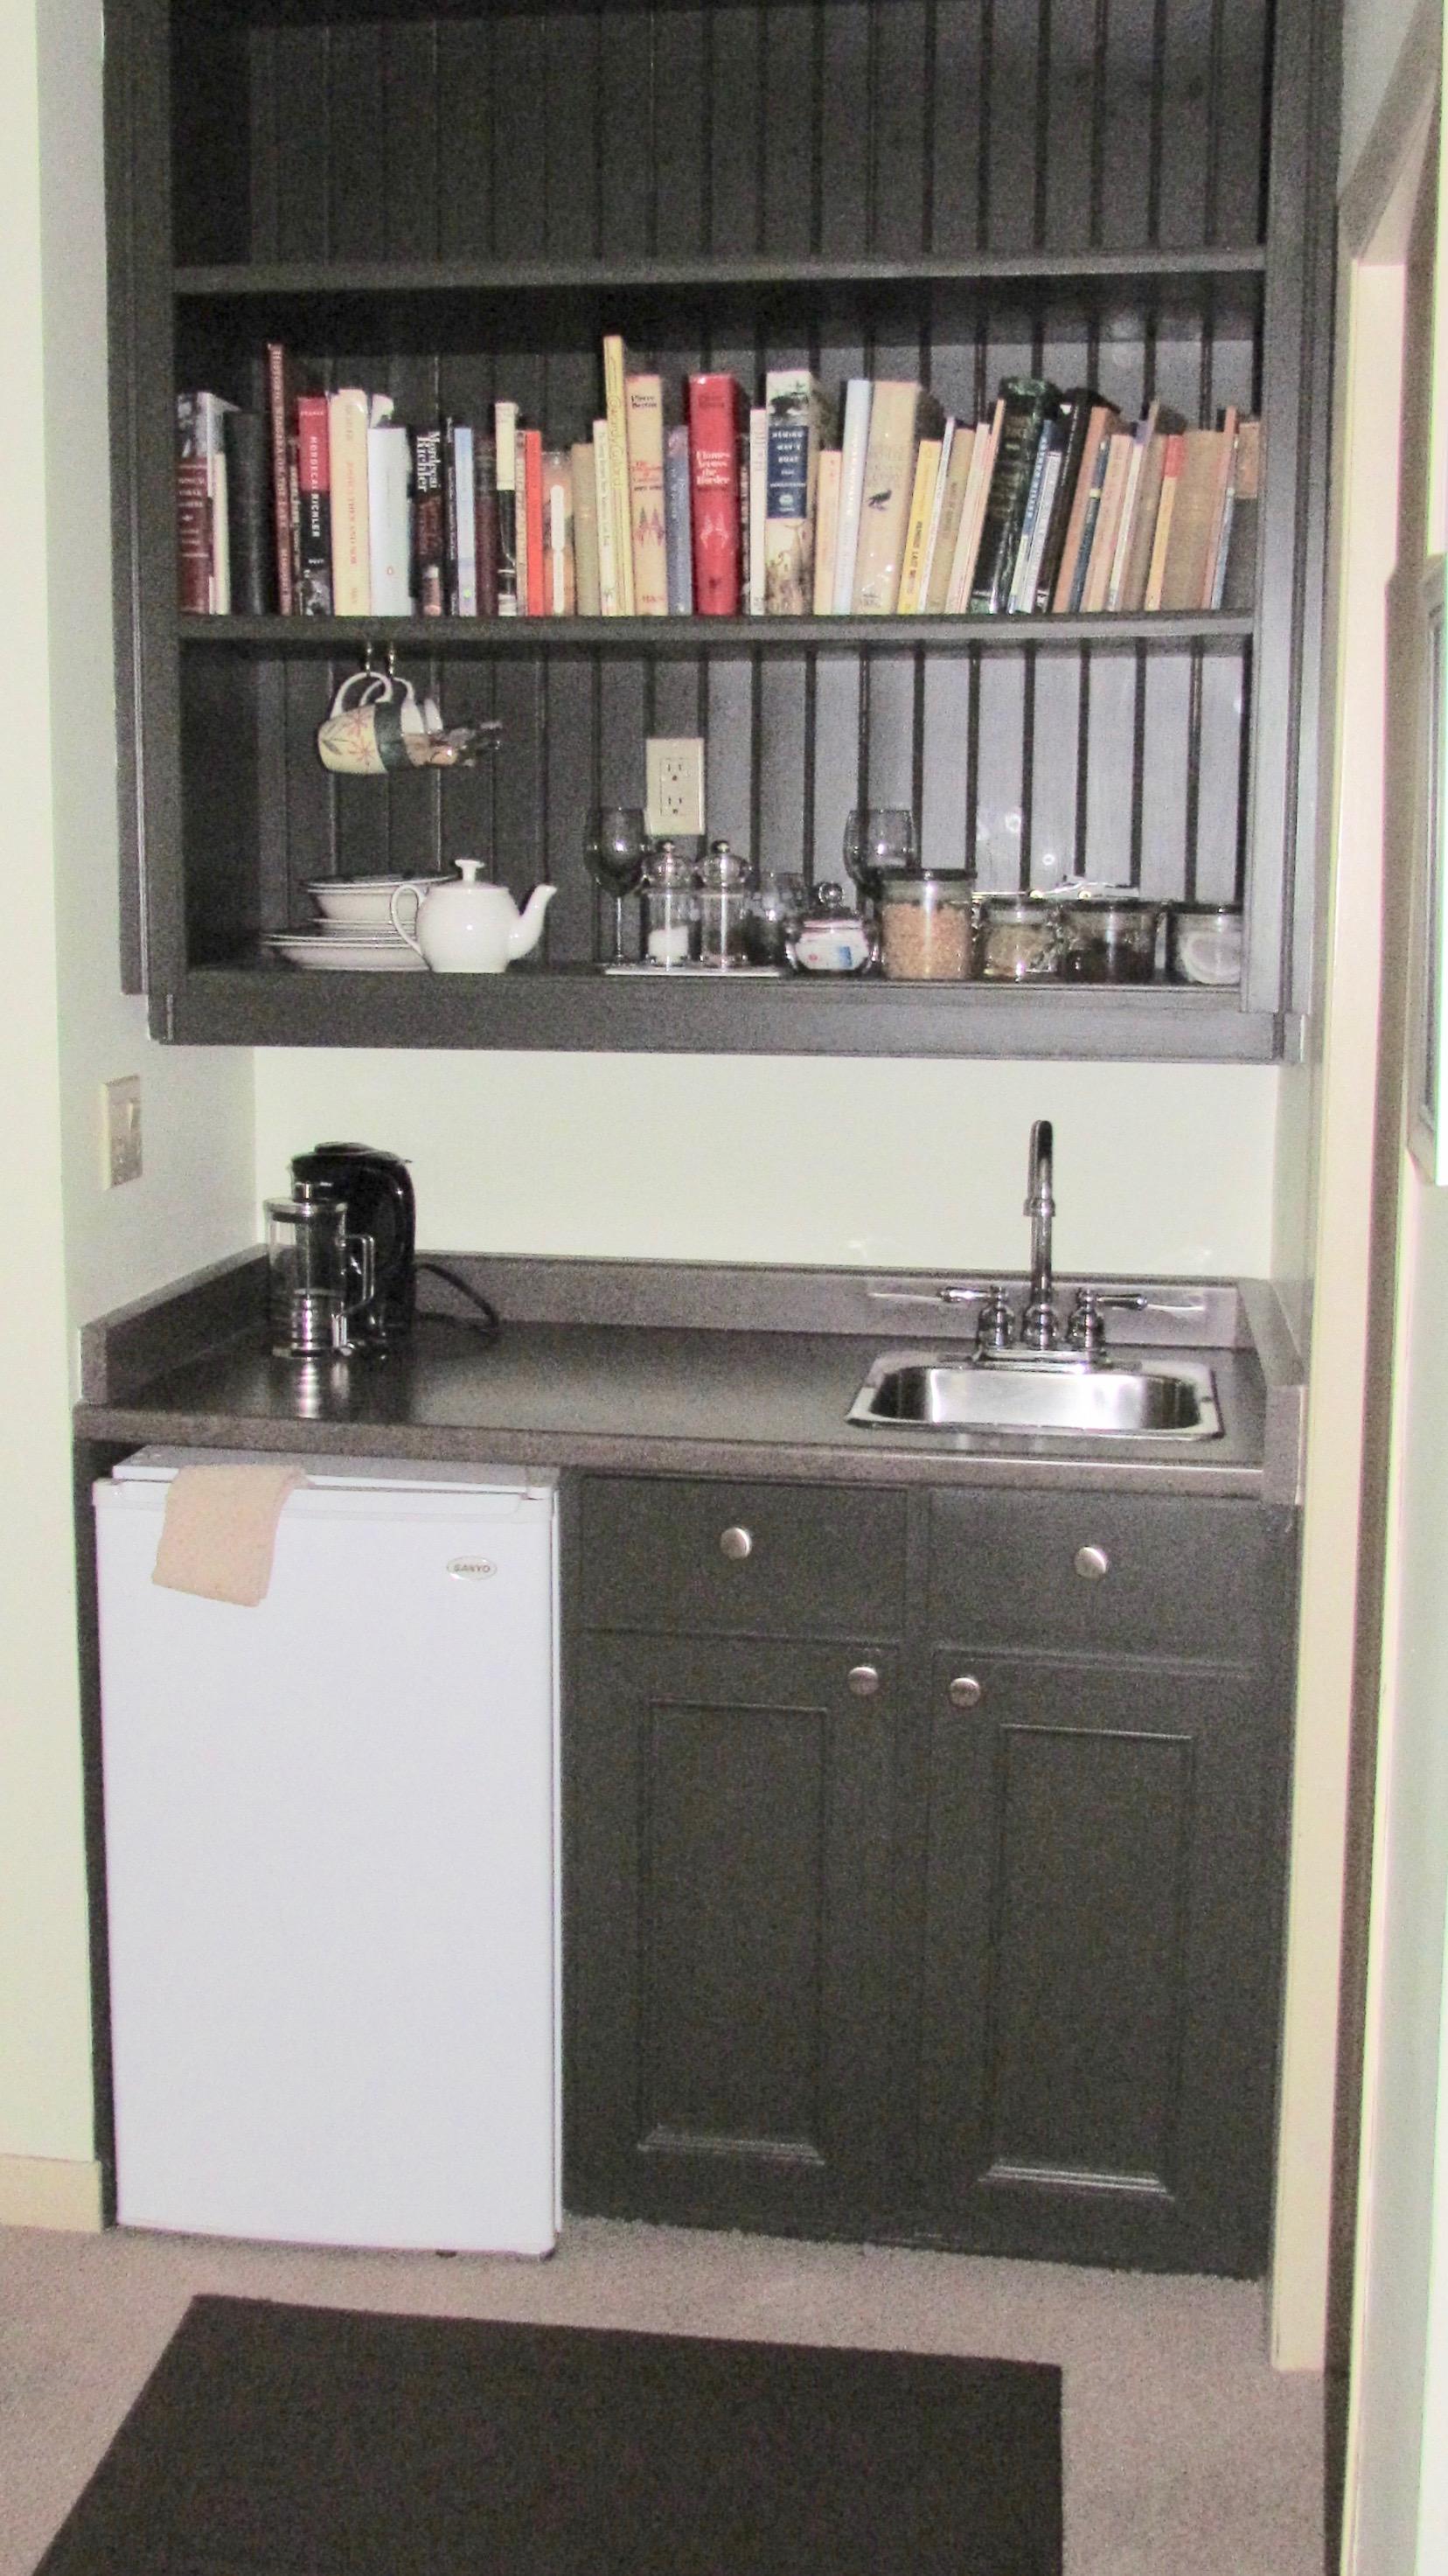 fridge sink kitchen coffee tea bnb b&b